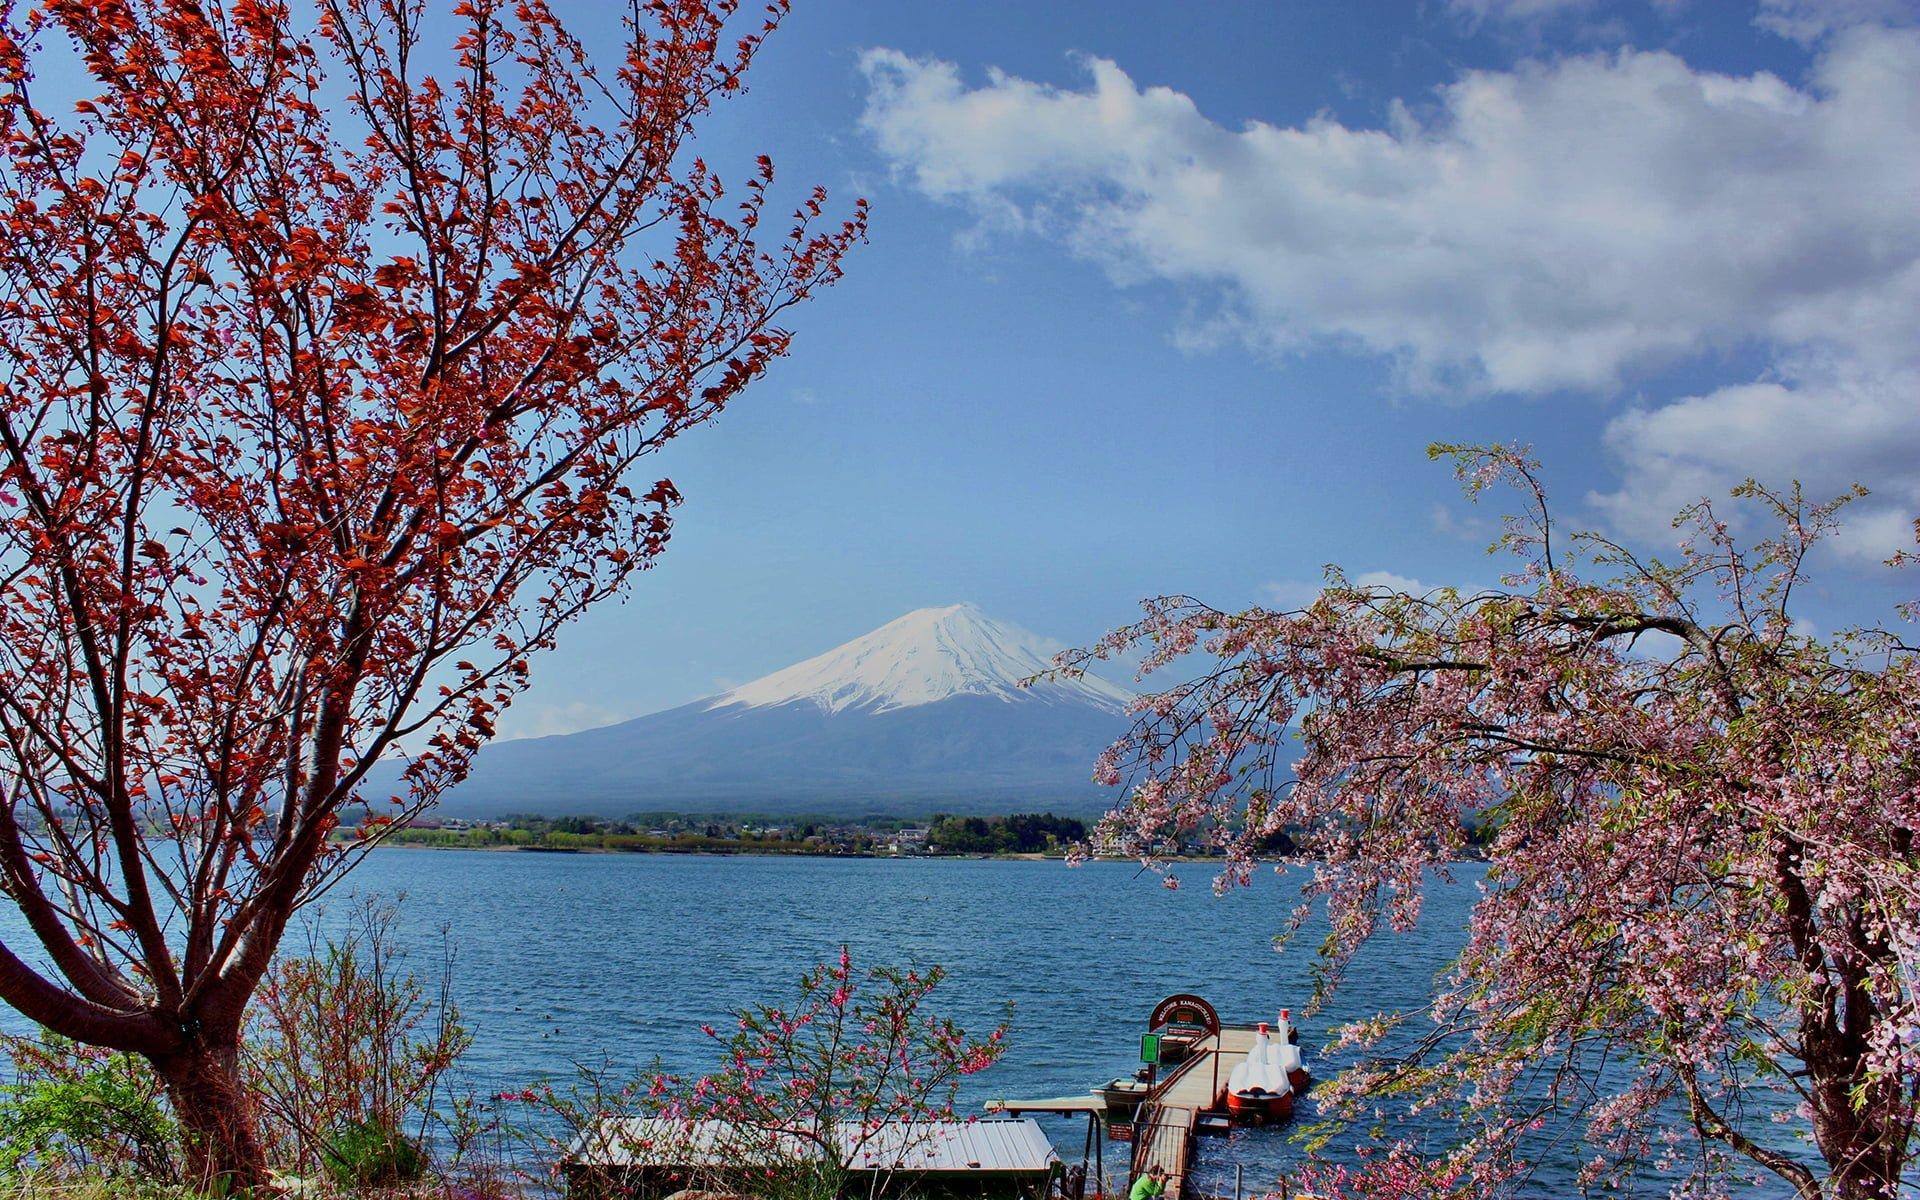 fuji dağı resmi